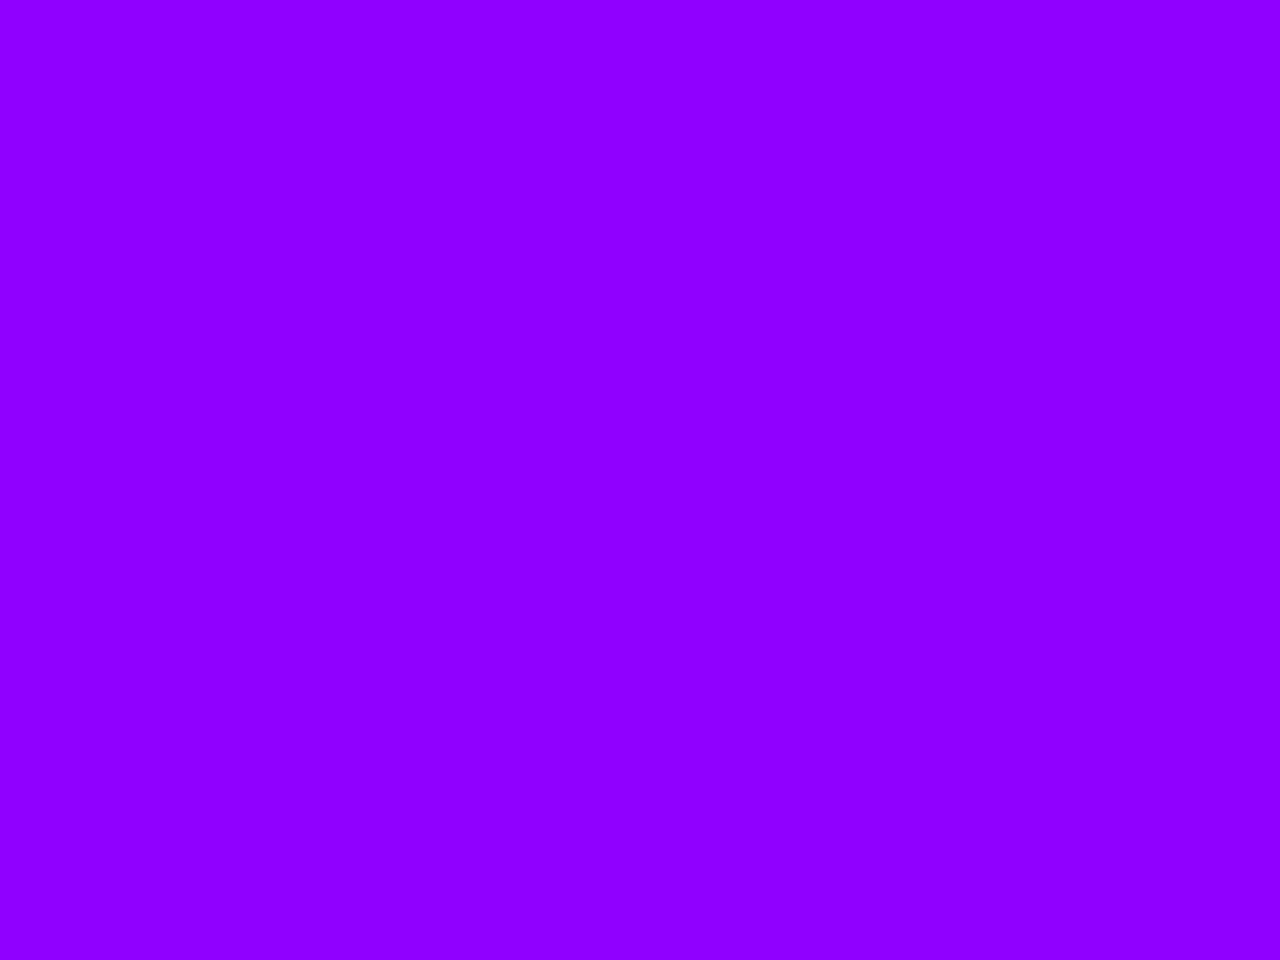 1280x960 Violet Solid Color Background